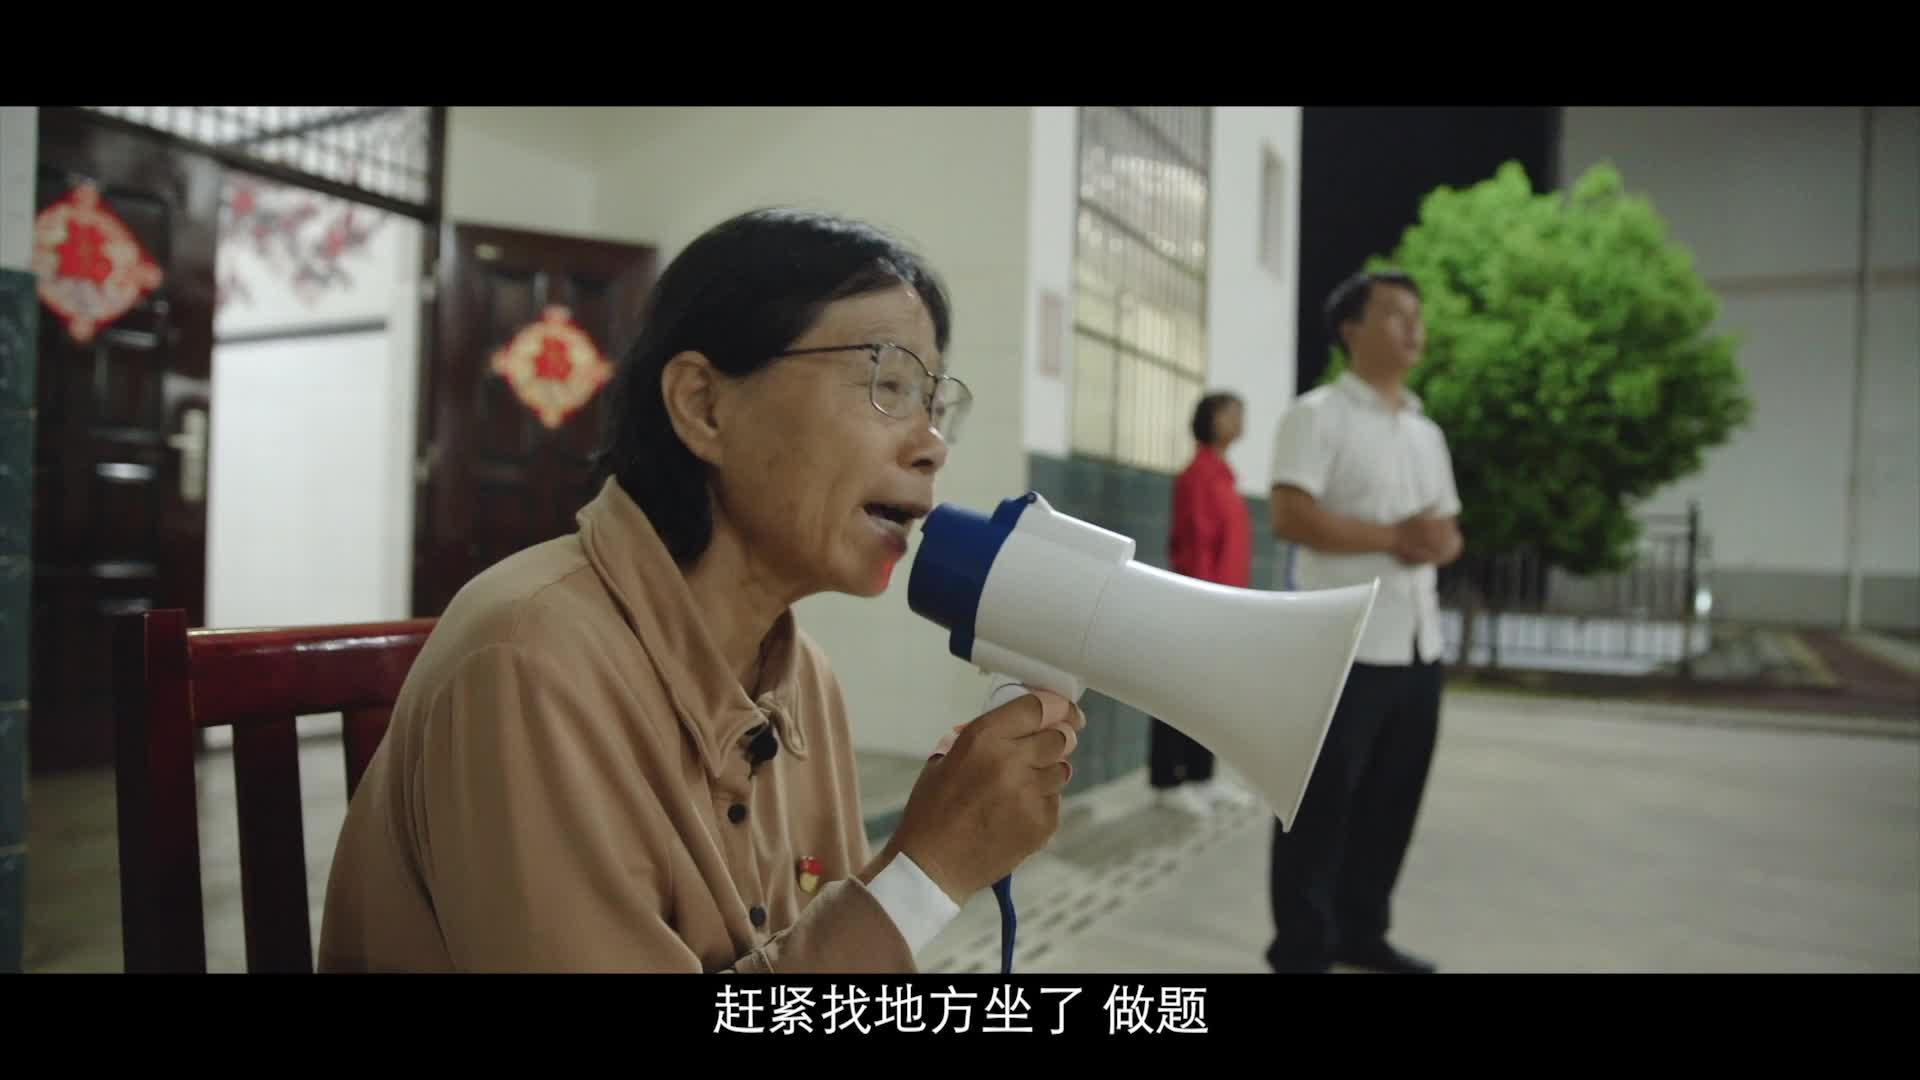 张桂梅:清华北大是我对学生的执念,希望她们通过读书彻底翻身